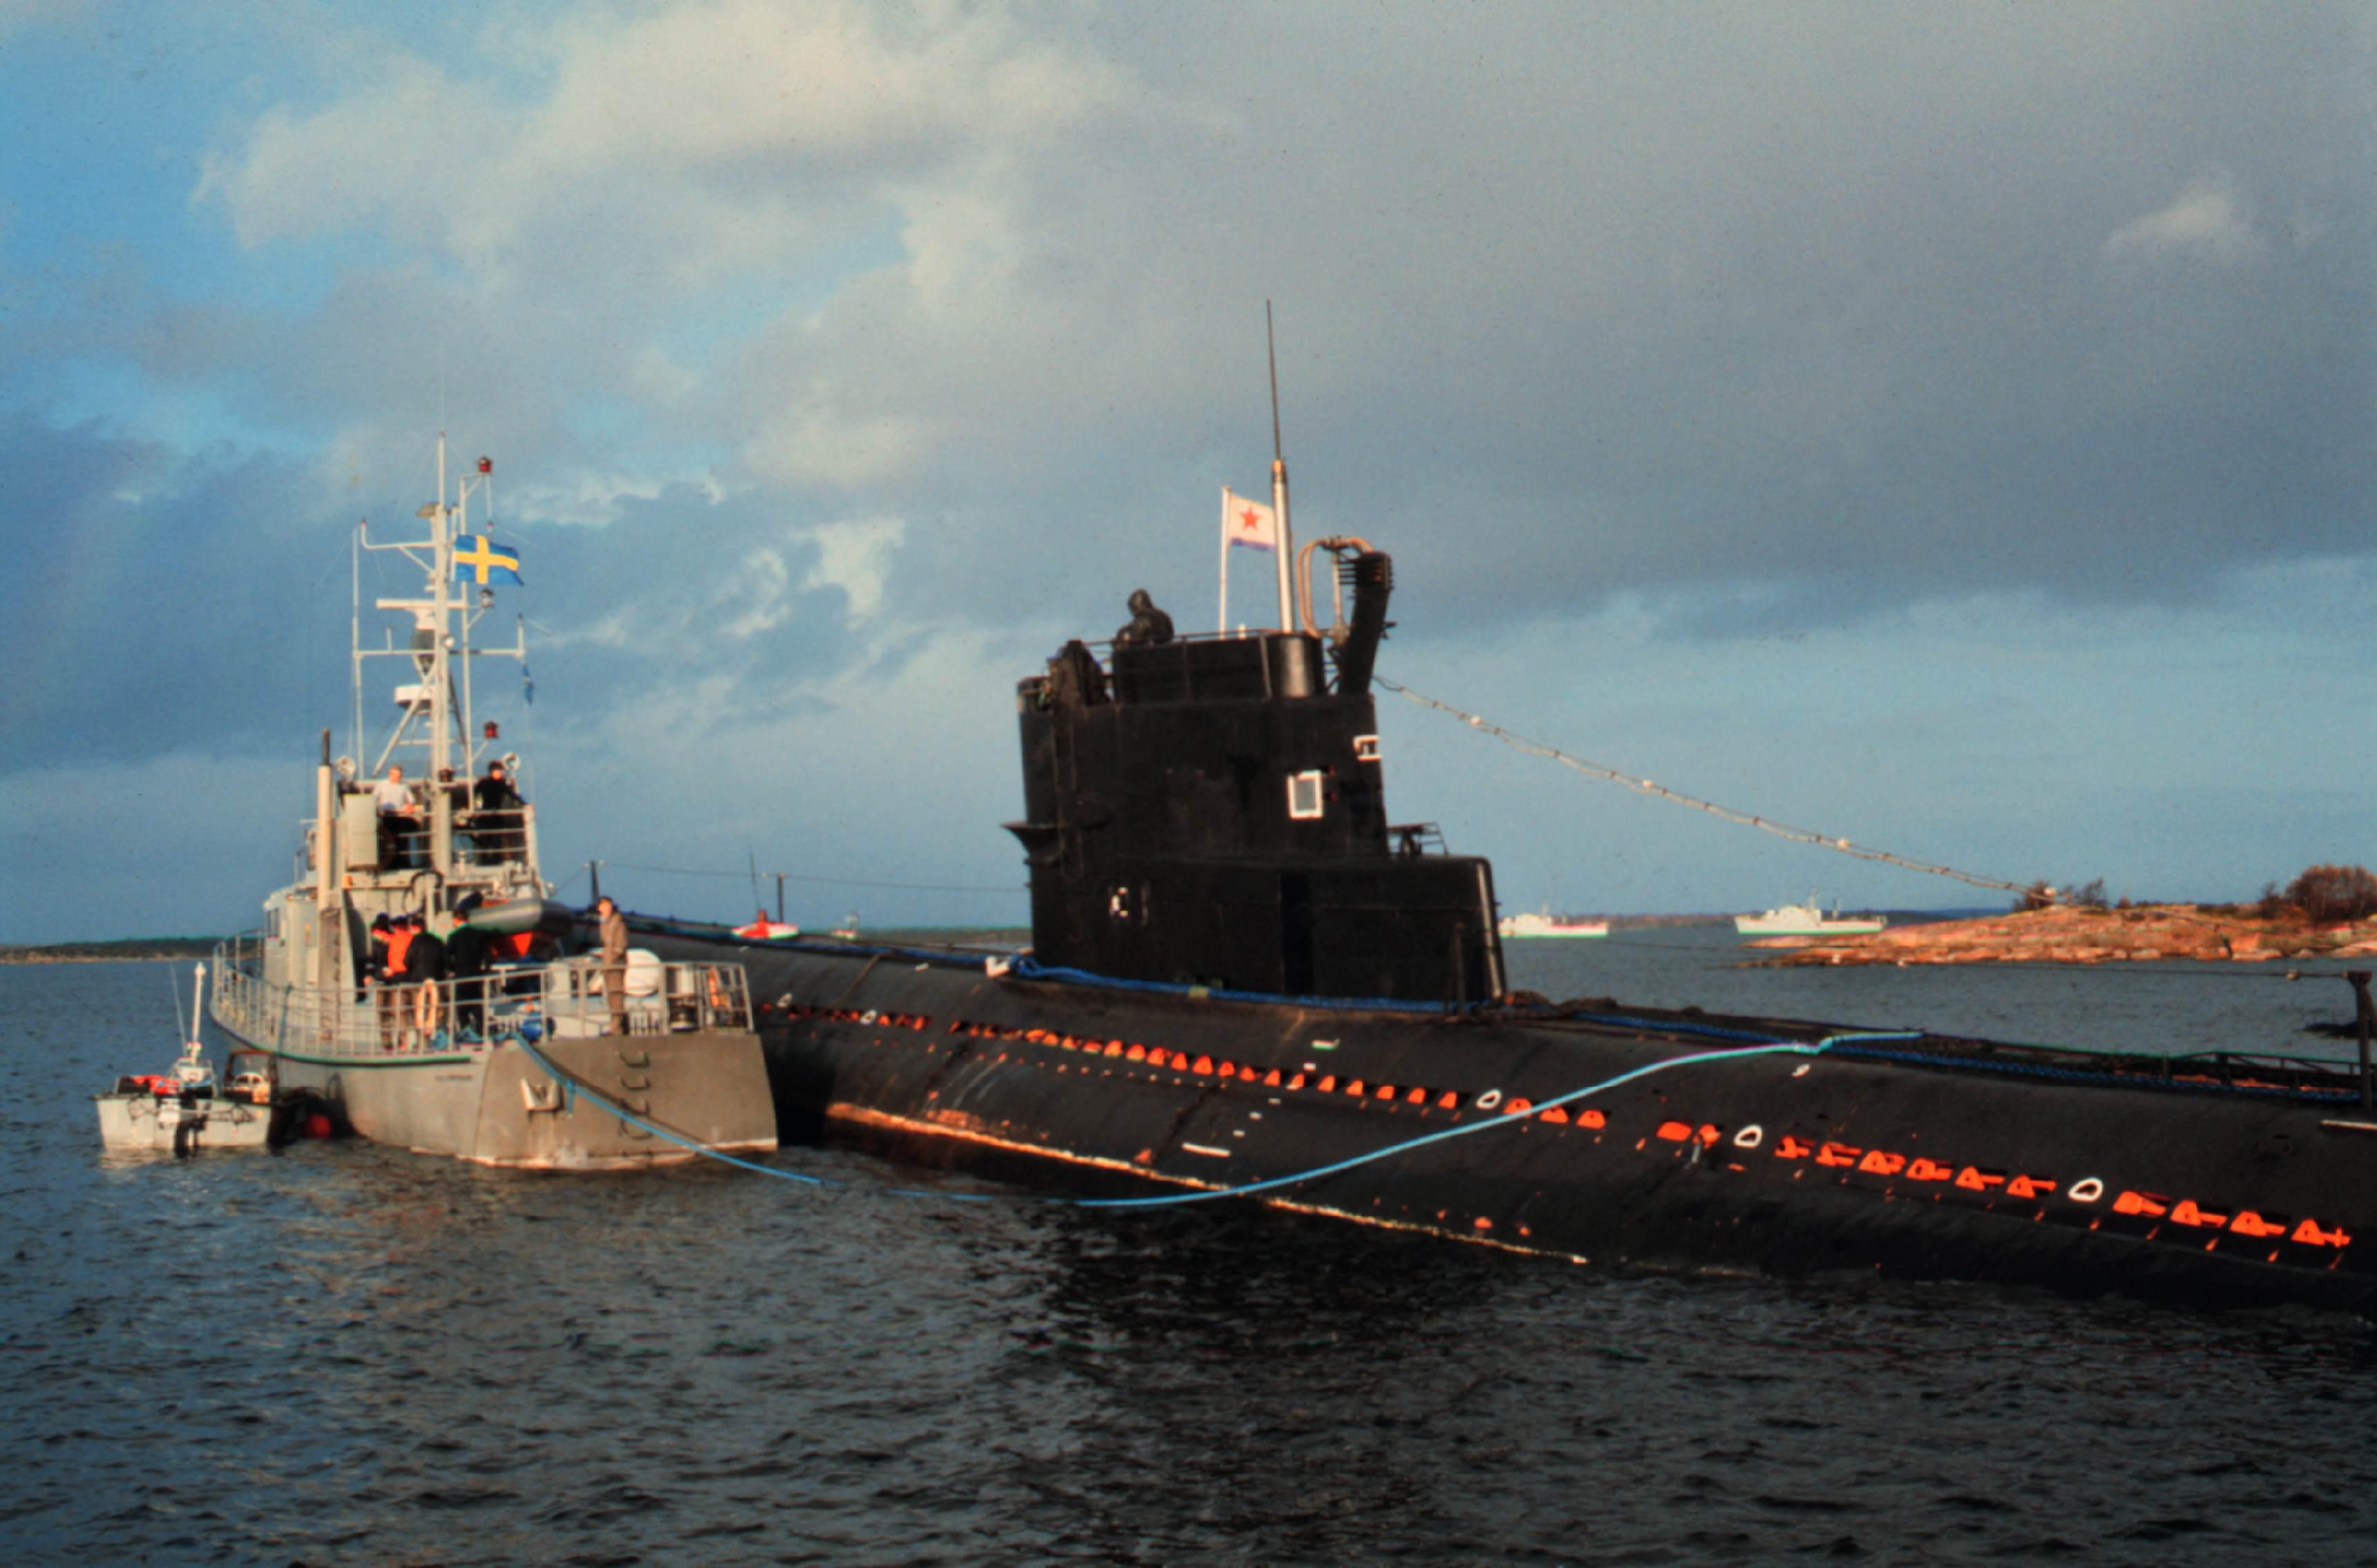 Vajde for rysk ubat utanfor gotland